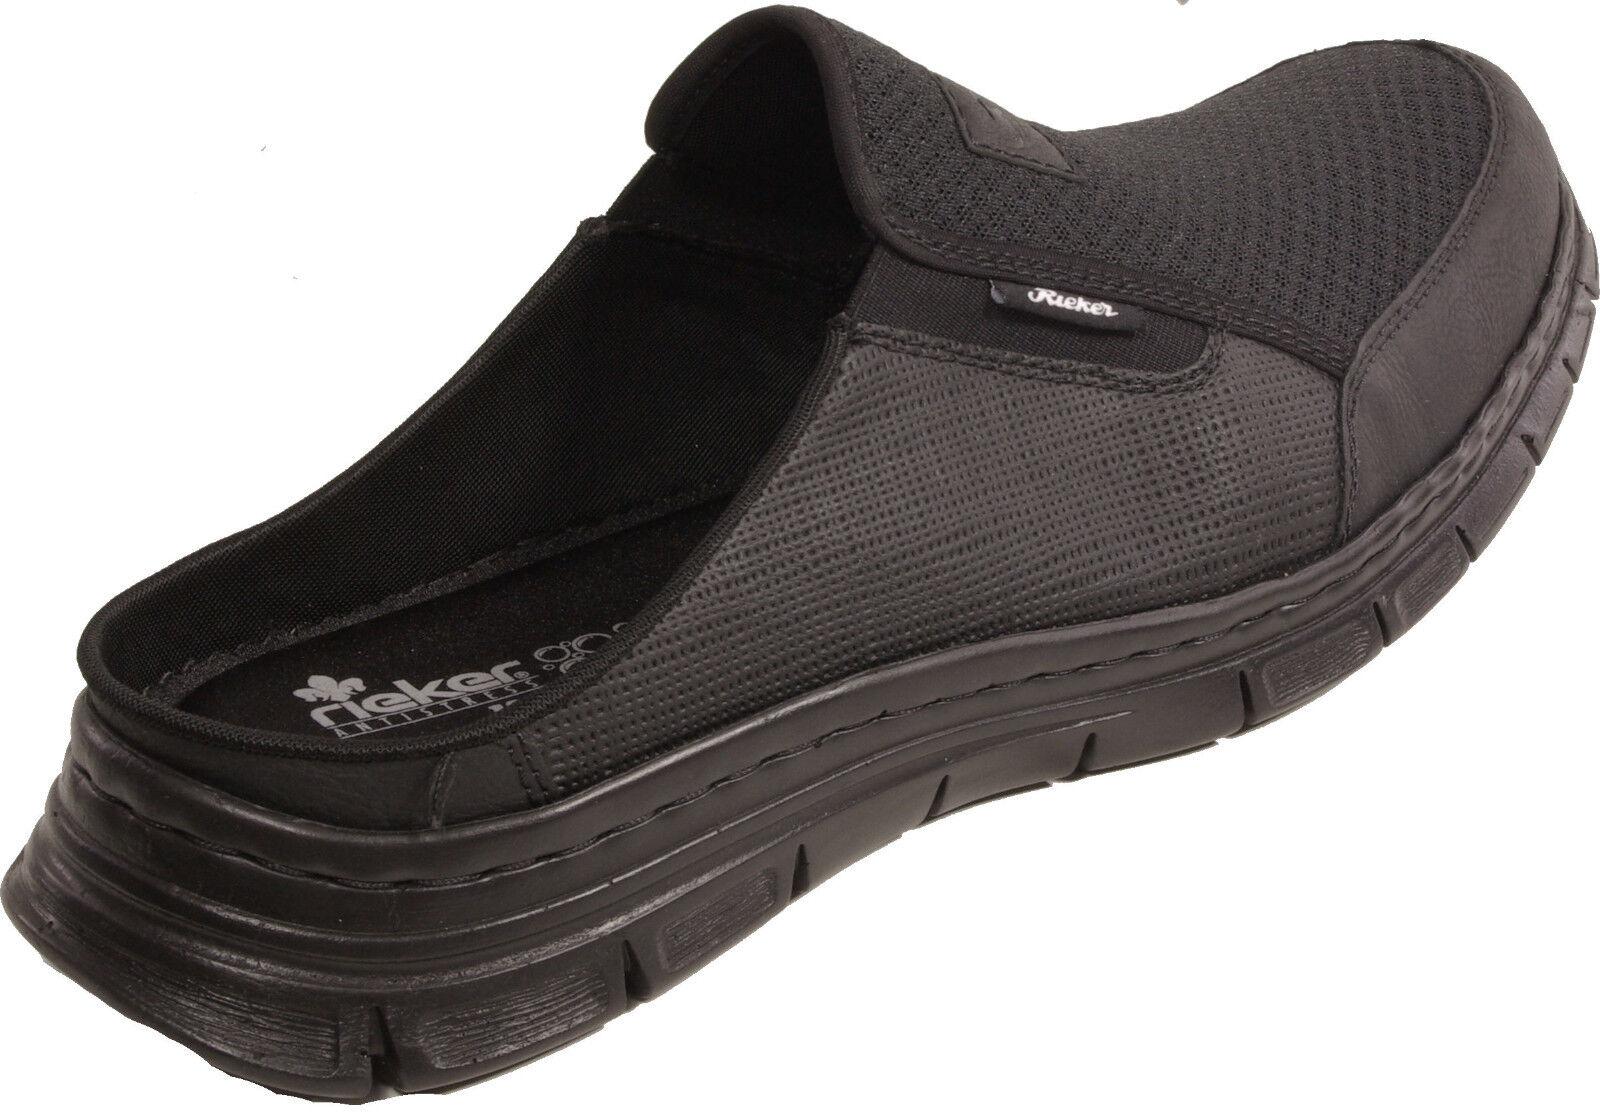 4bc374dcc2ad0f ... Rieker Chaussures Mules Sabots Pantoufles Noir Doux Bettung NEUF | | |  Supérieure | De Qualité ...